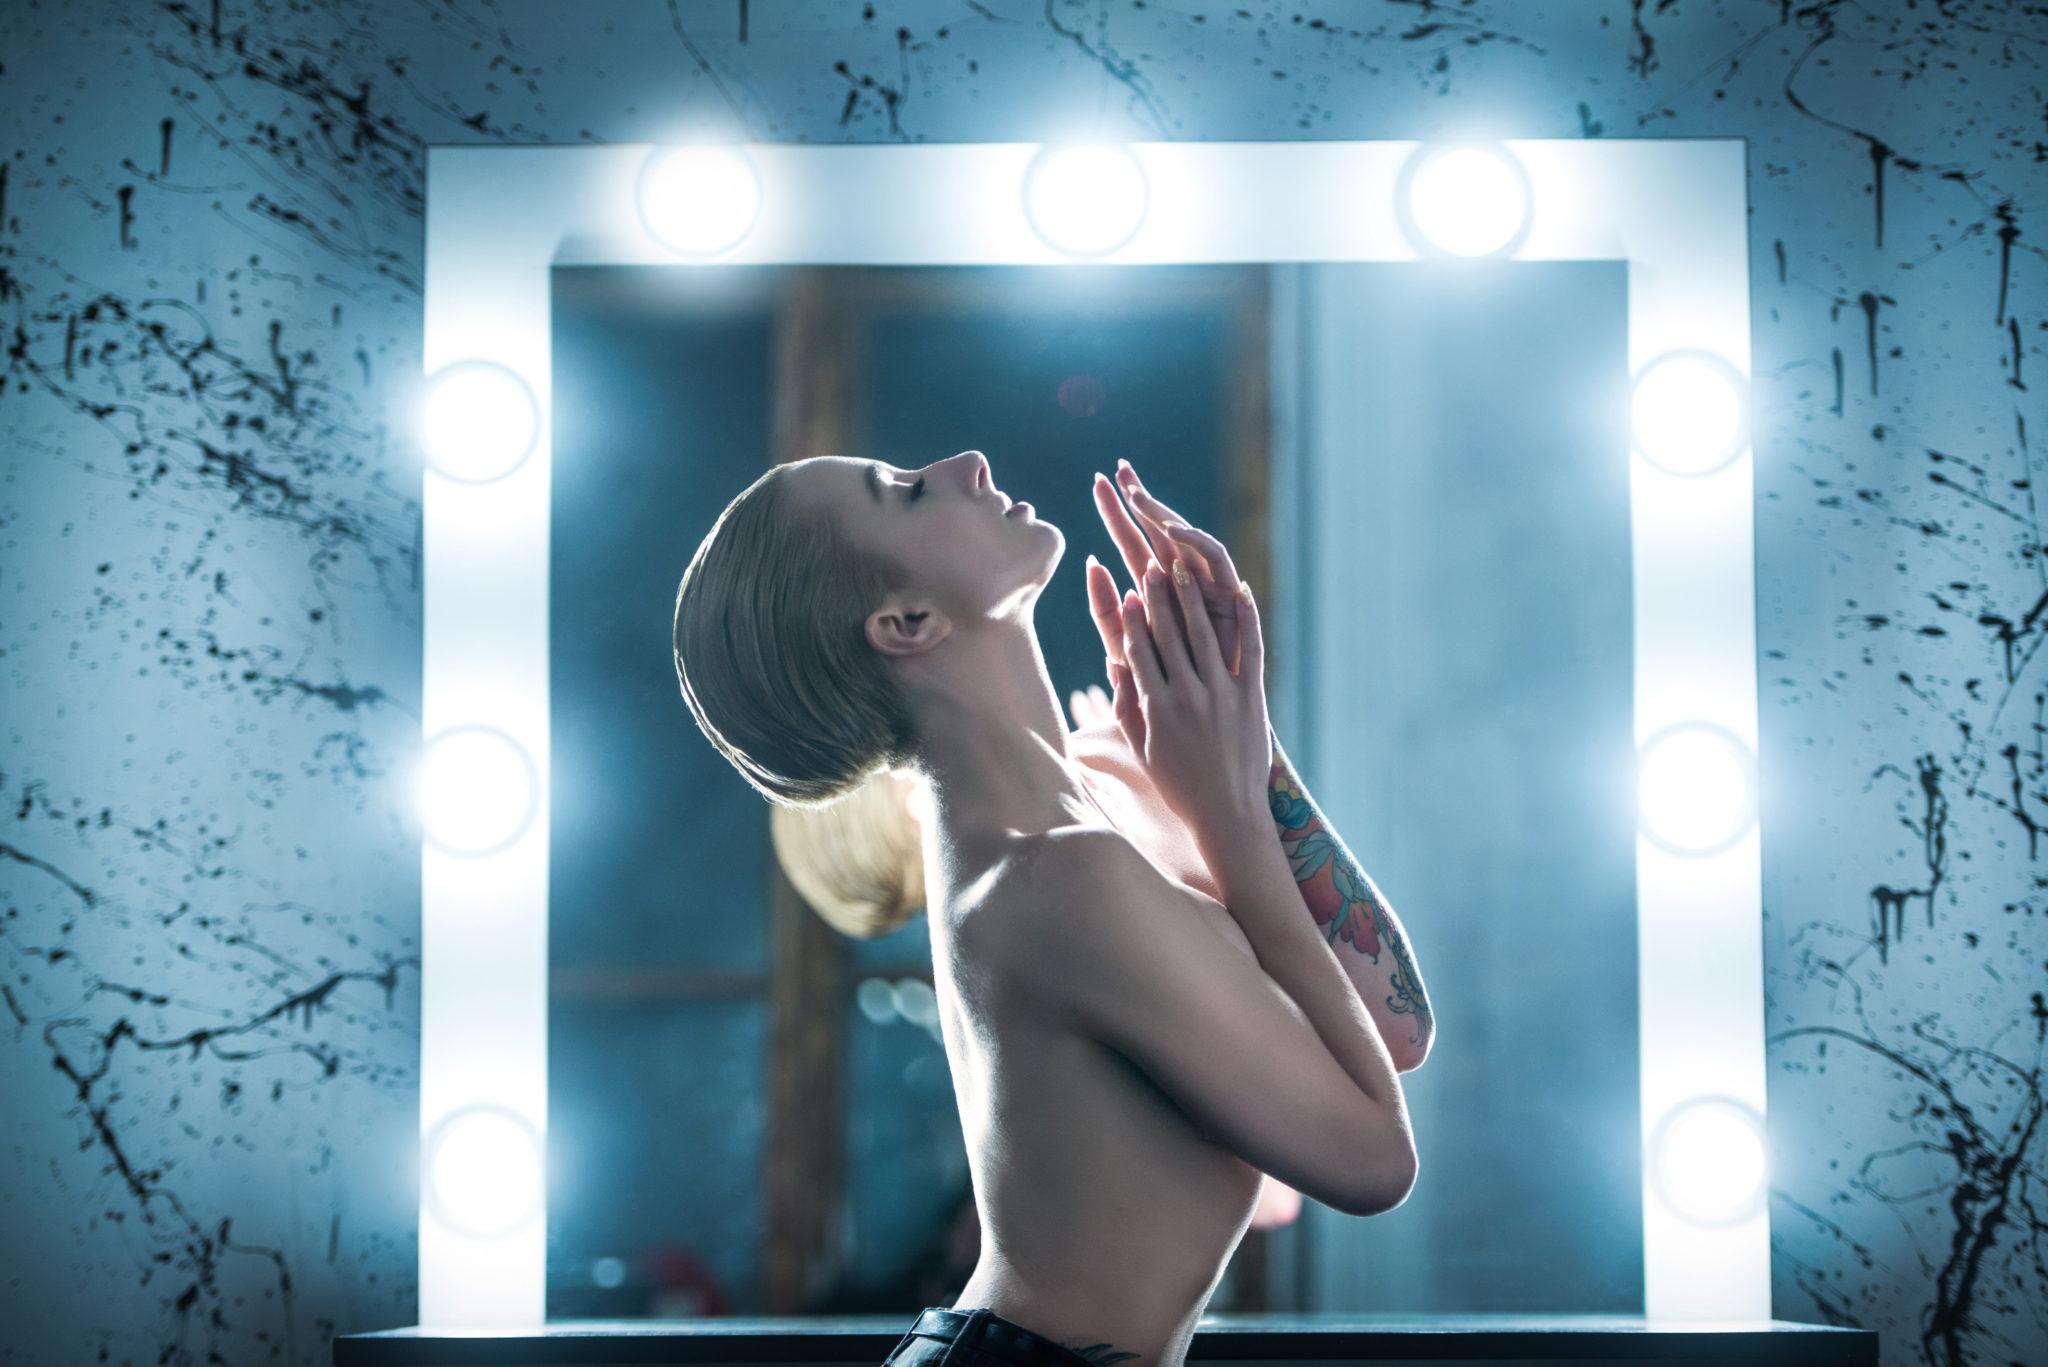 Экспресс фотосессия, девушка топлес в пол-оборота к фотографу, на фоне визажного стола